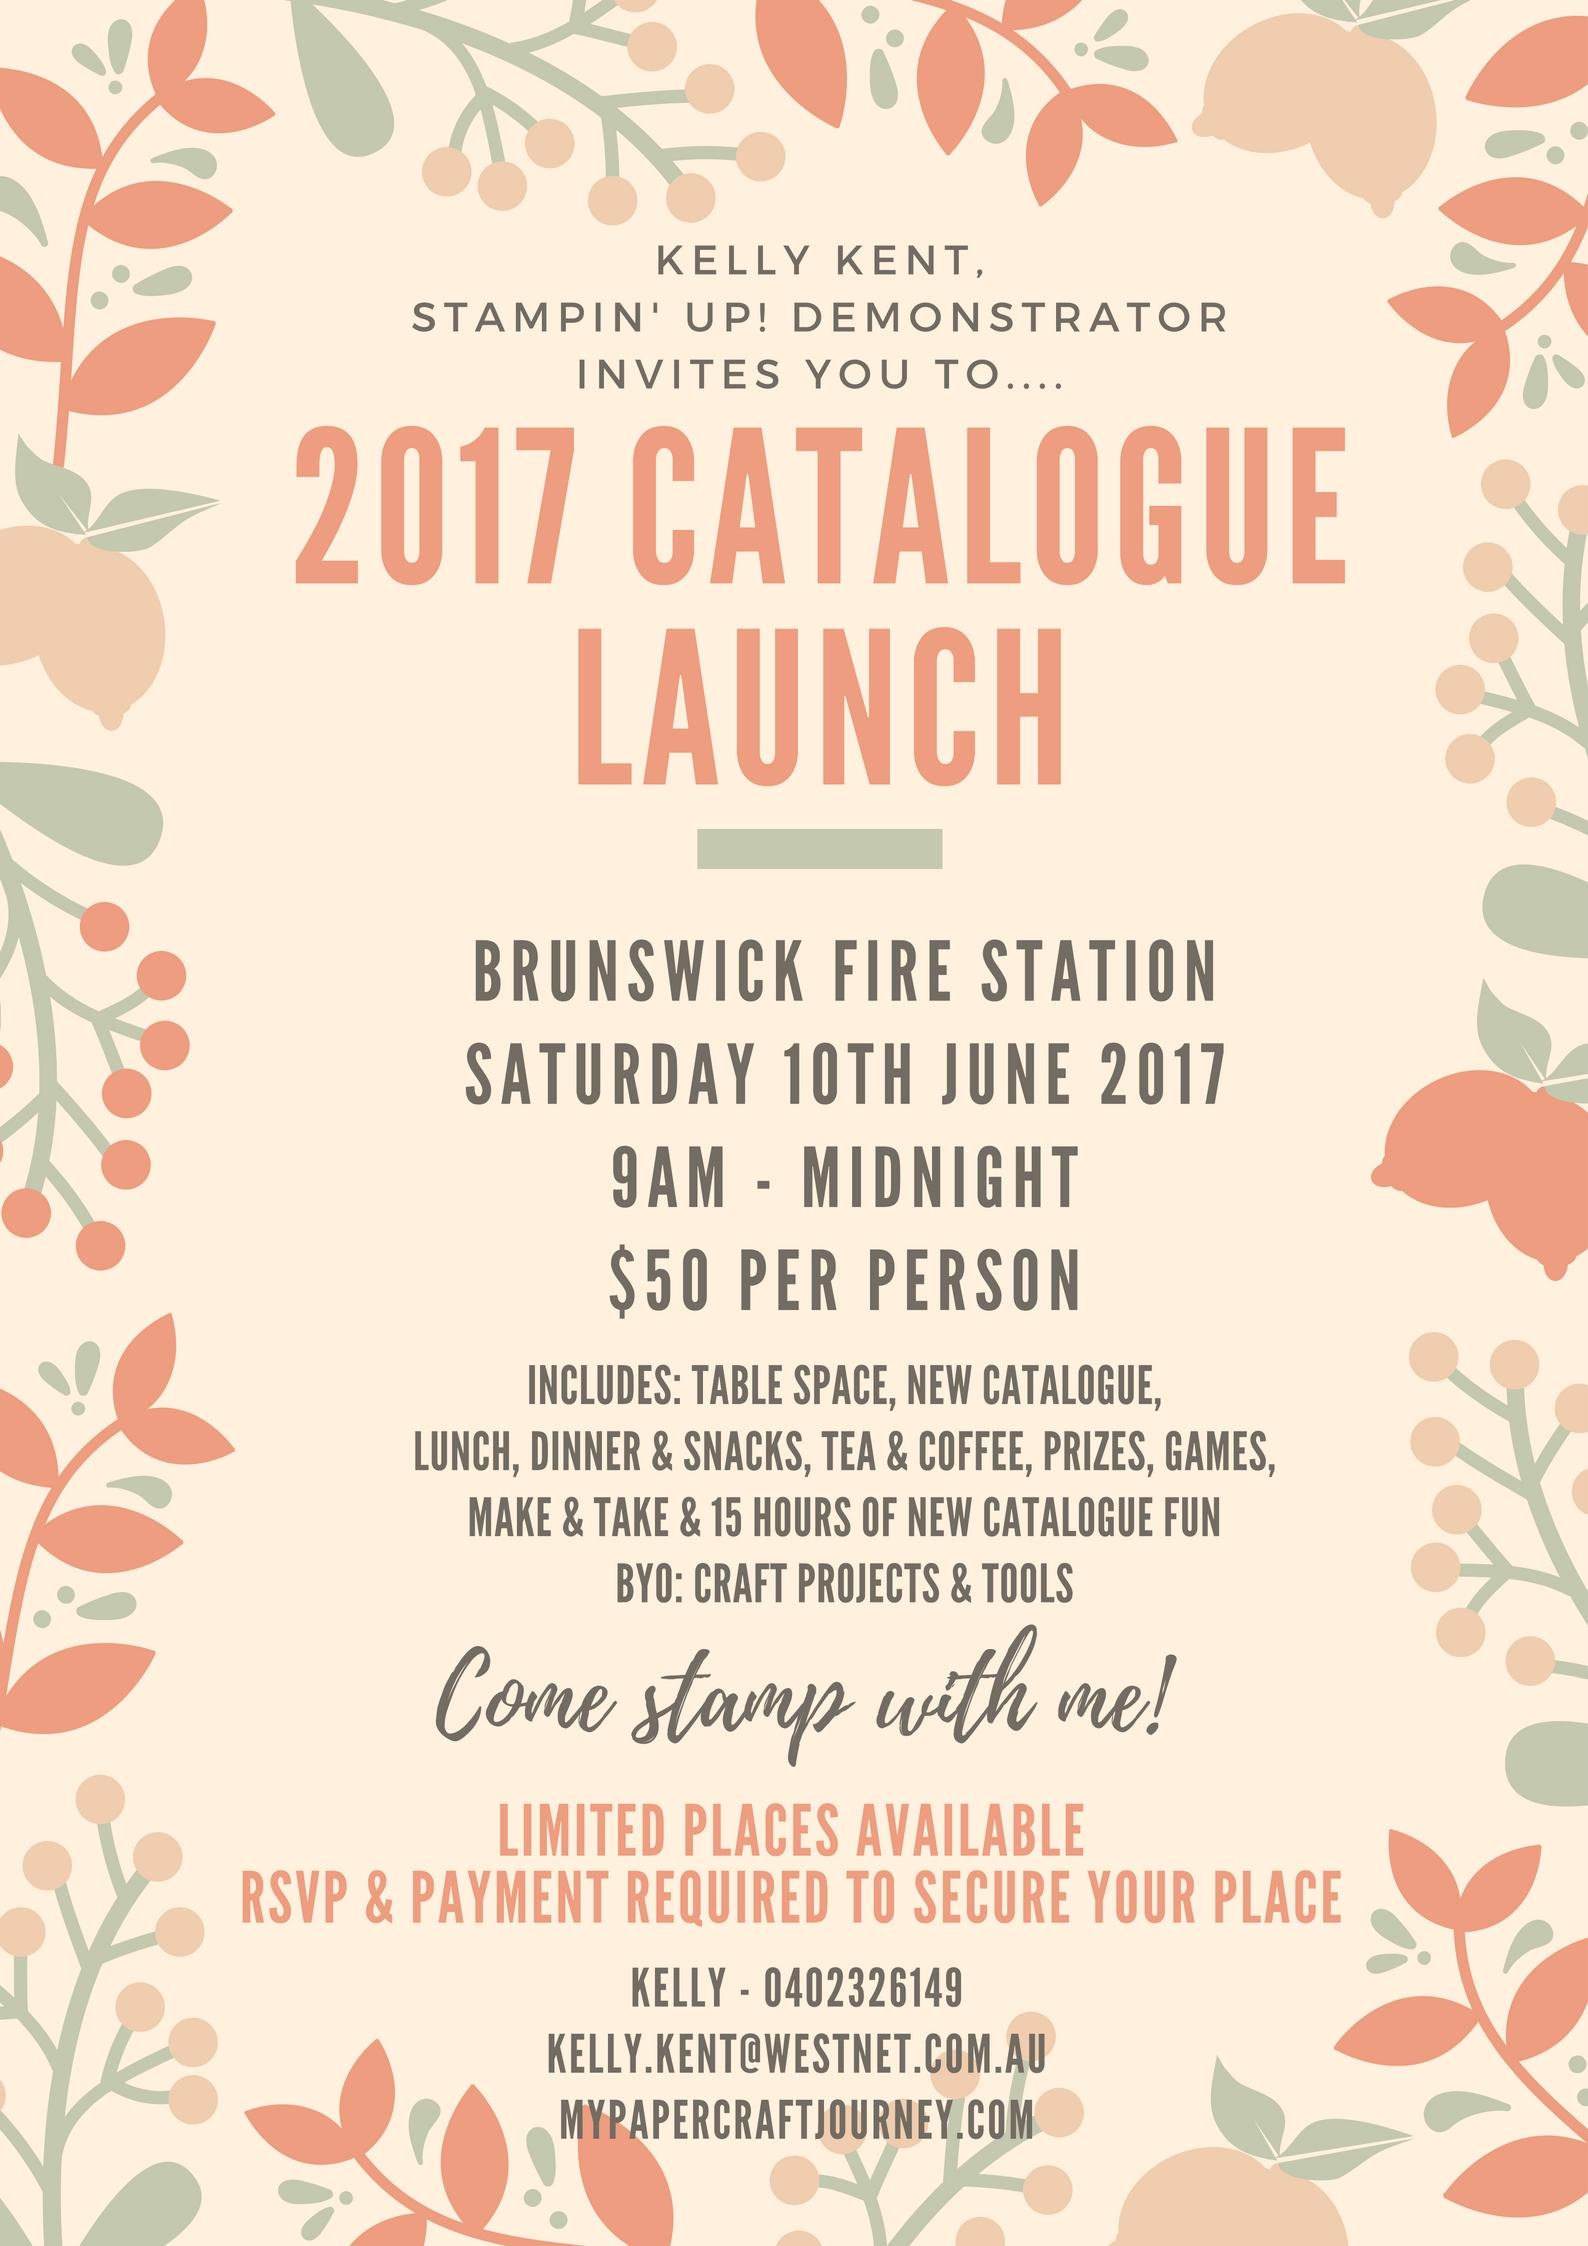 2017 catalogue launch bigger better